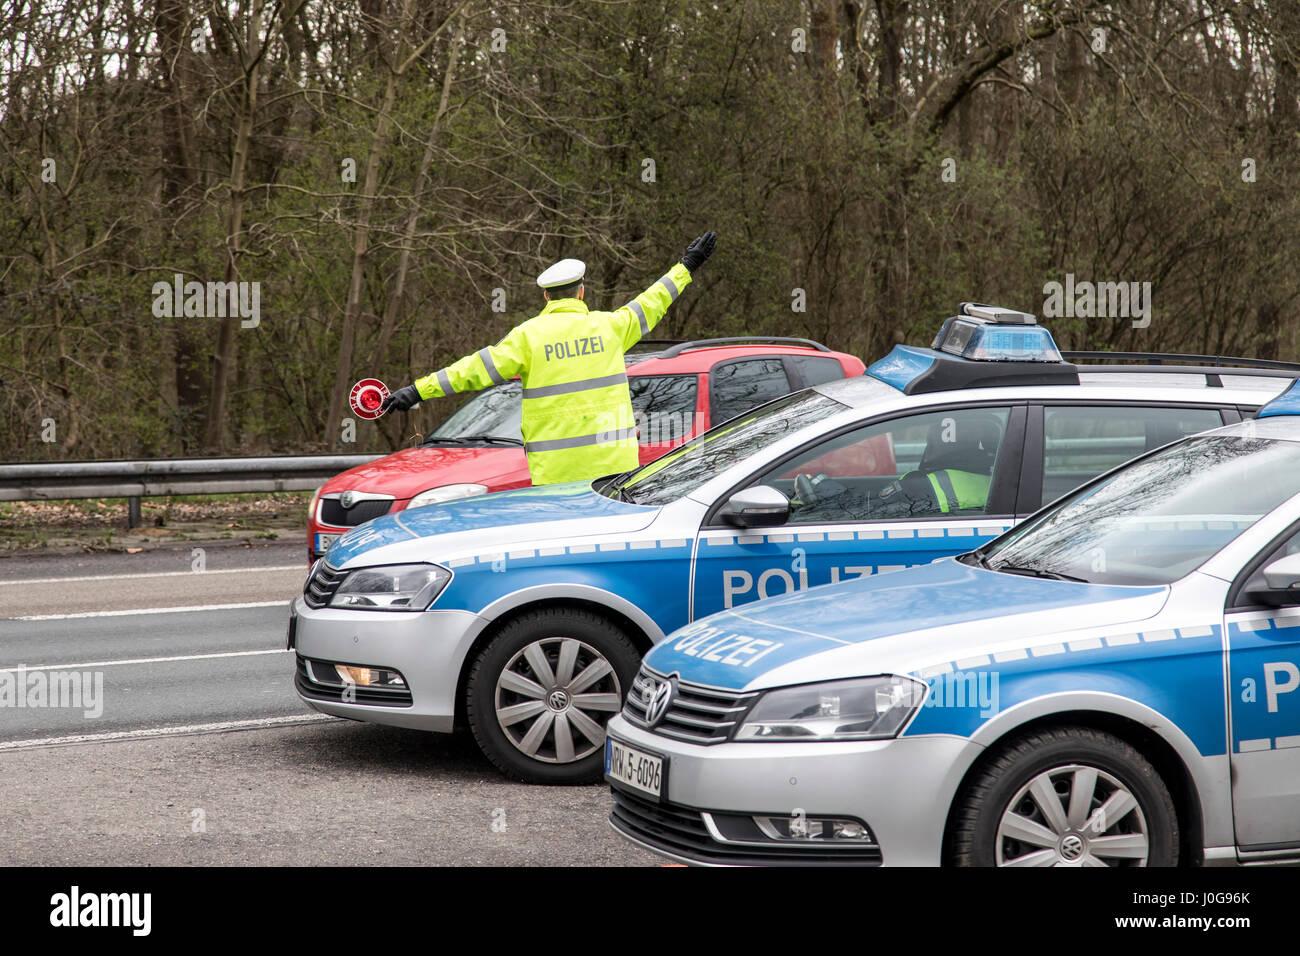 Police Security Check Bag Stock Photos & Police Security